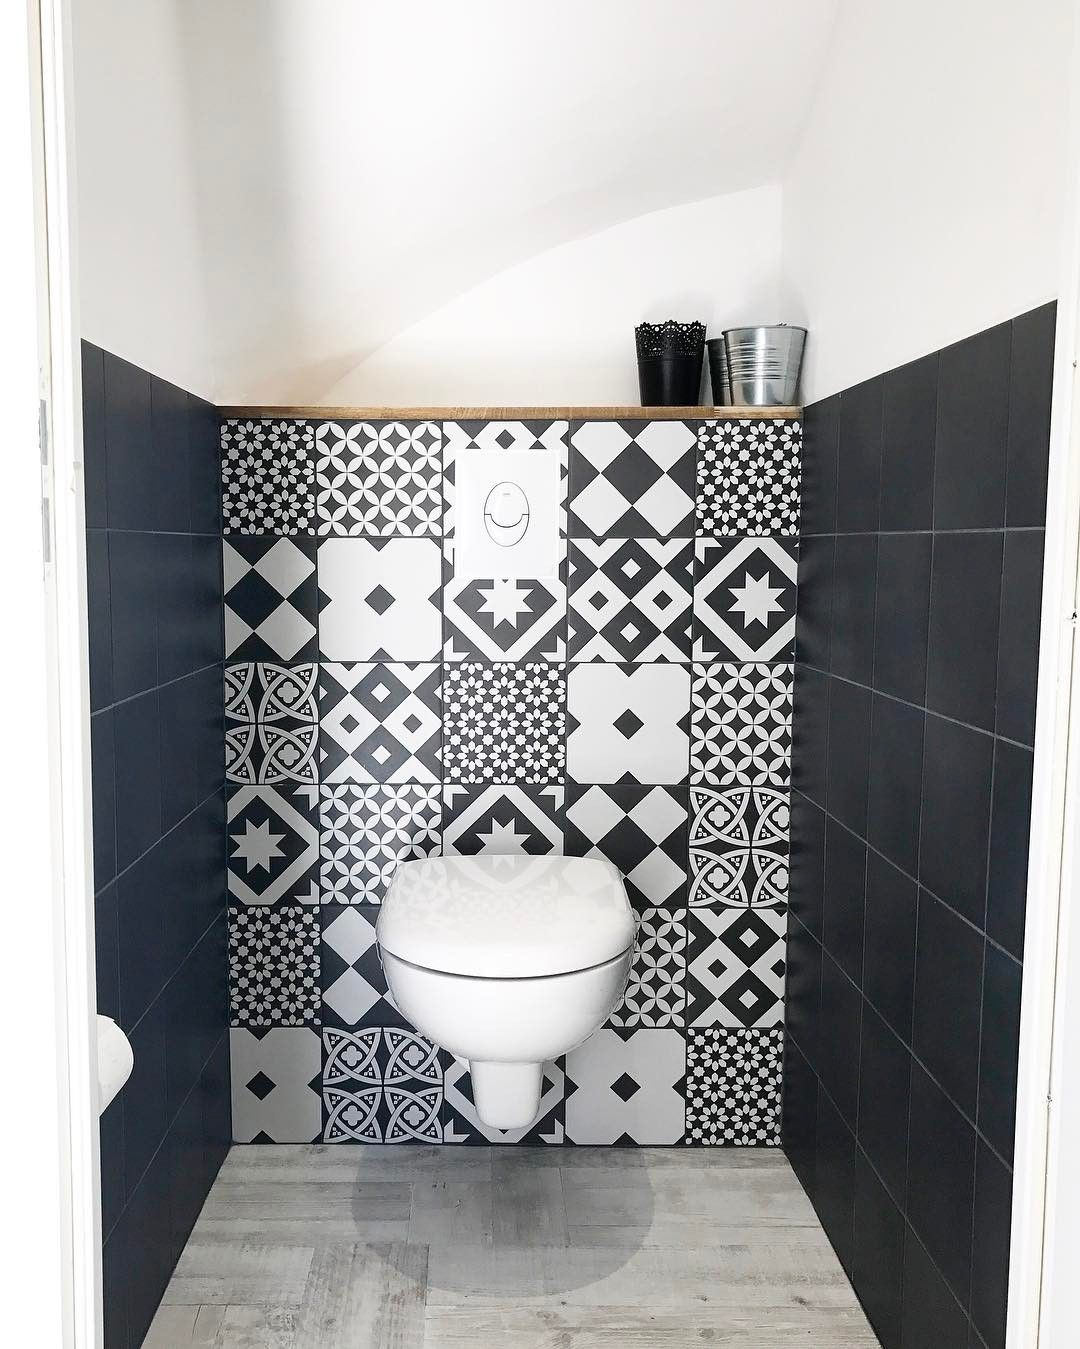 Cocooning Home Cocooninghome Sur Instagram Je Ne Vous Avais Pas Montre Nos Petits Wc J Ai Reussi A Toilet Design Wc Design Wall Cladding